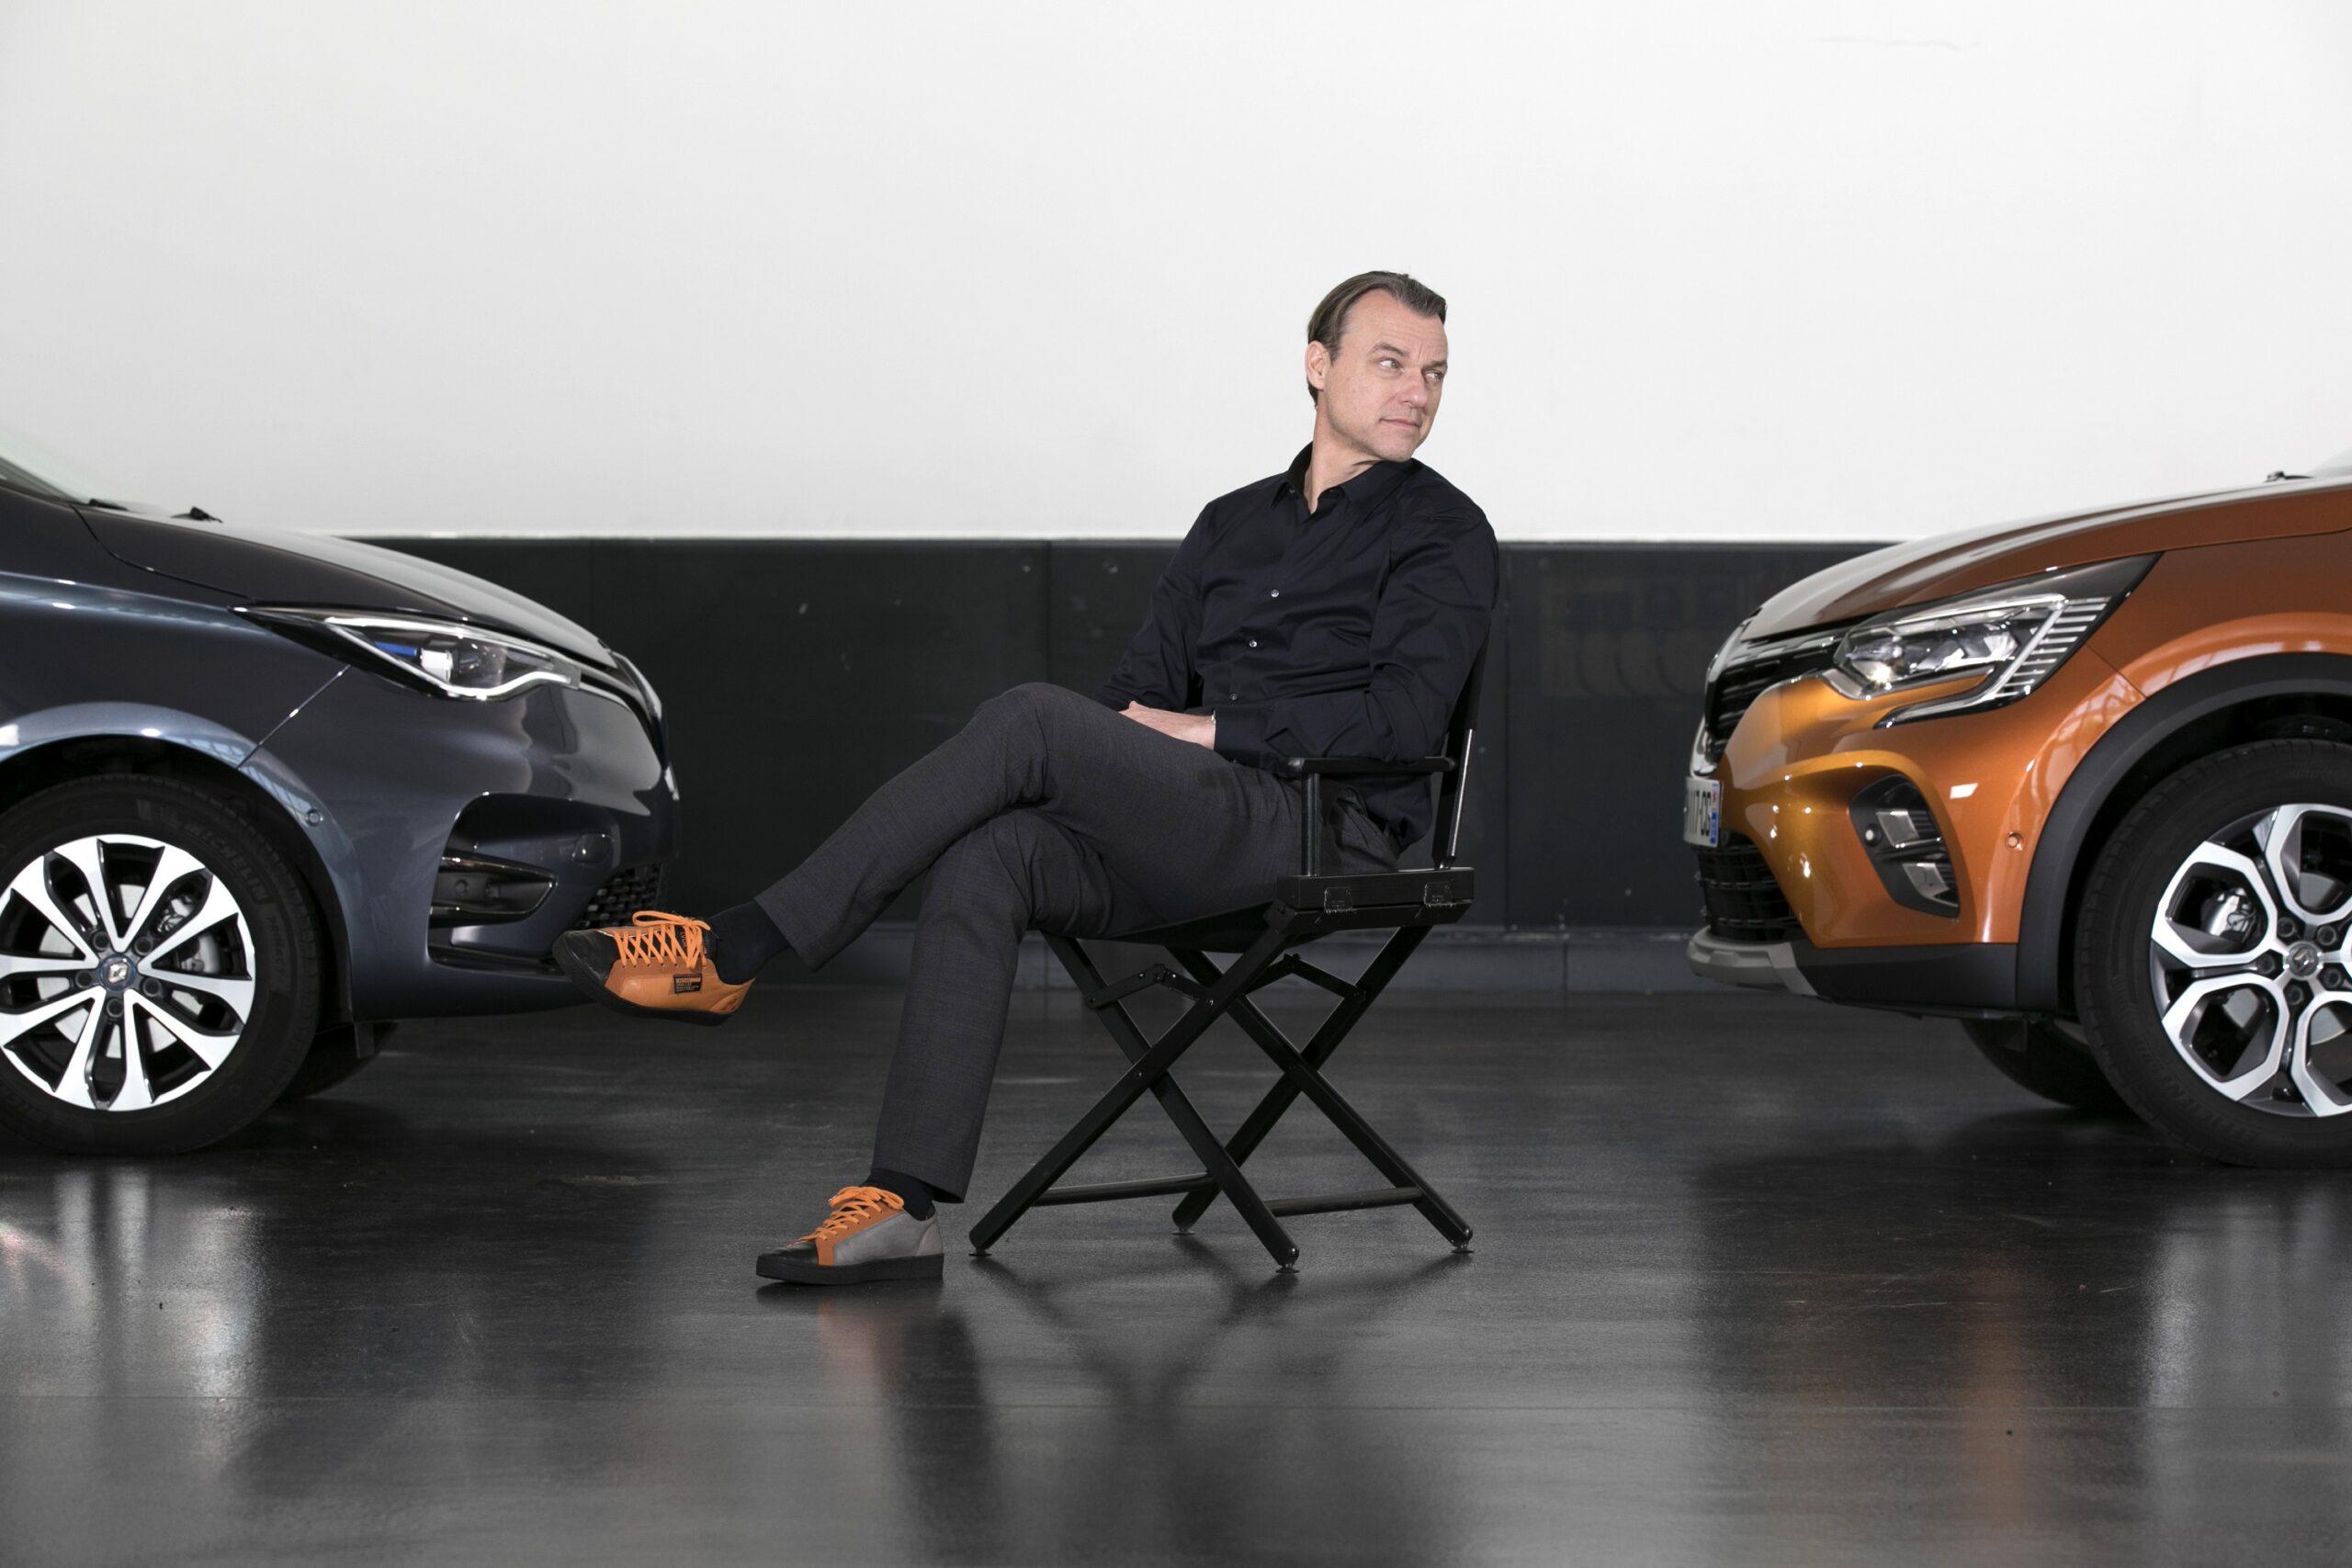 Laurens Van Den Acker - Renault x Le Coq Sportif - SneaCARS